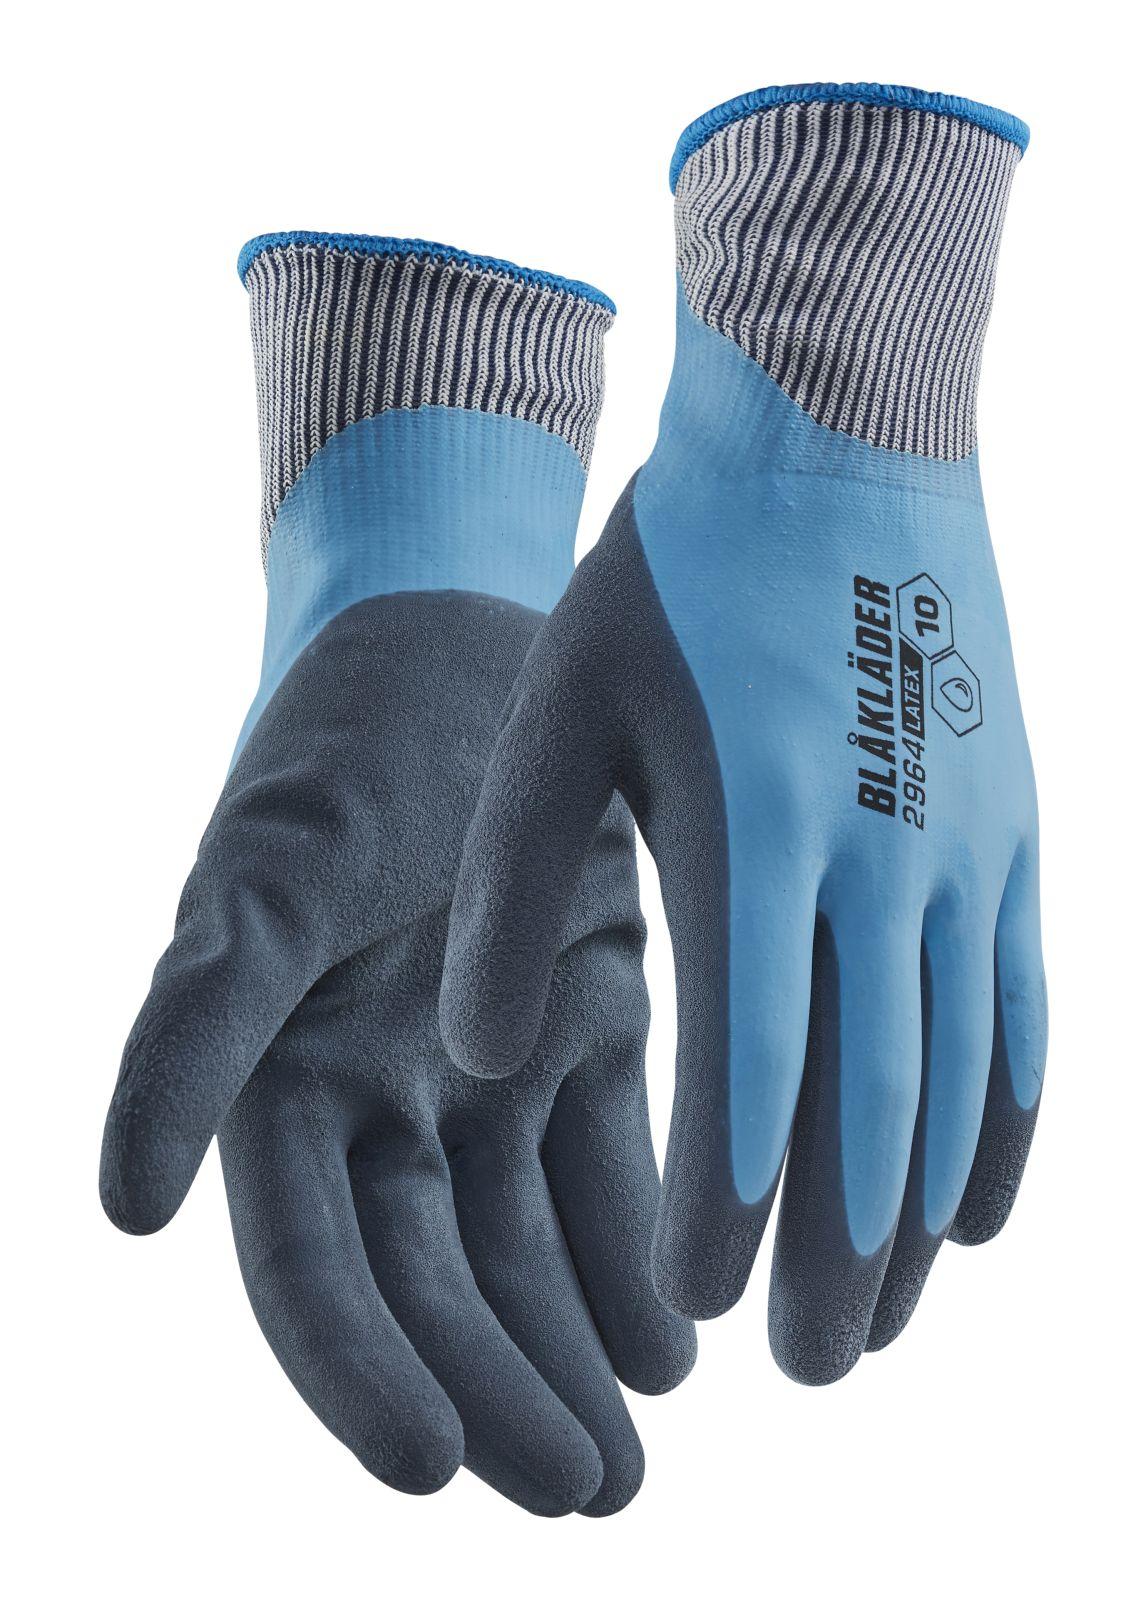 Blaklader handschoenen 29641452 ocean blauw(8000)